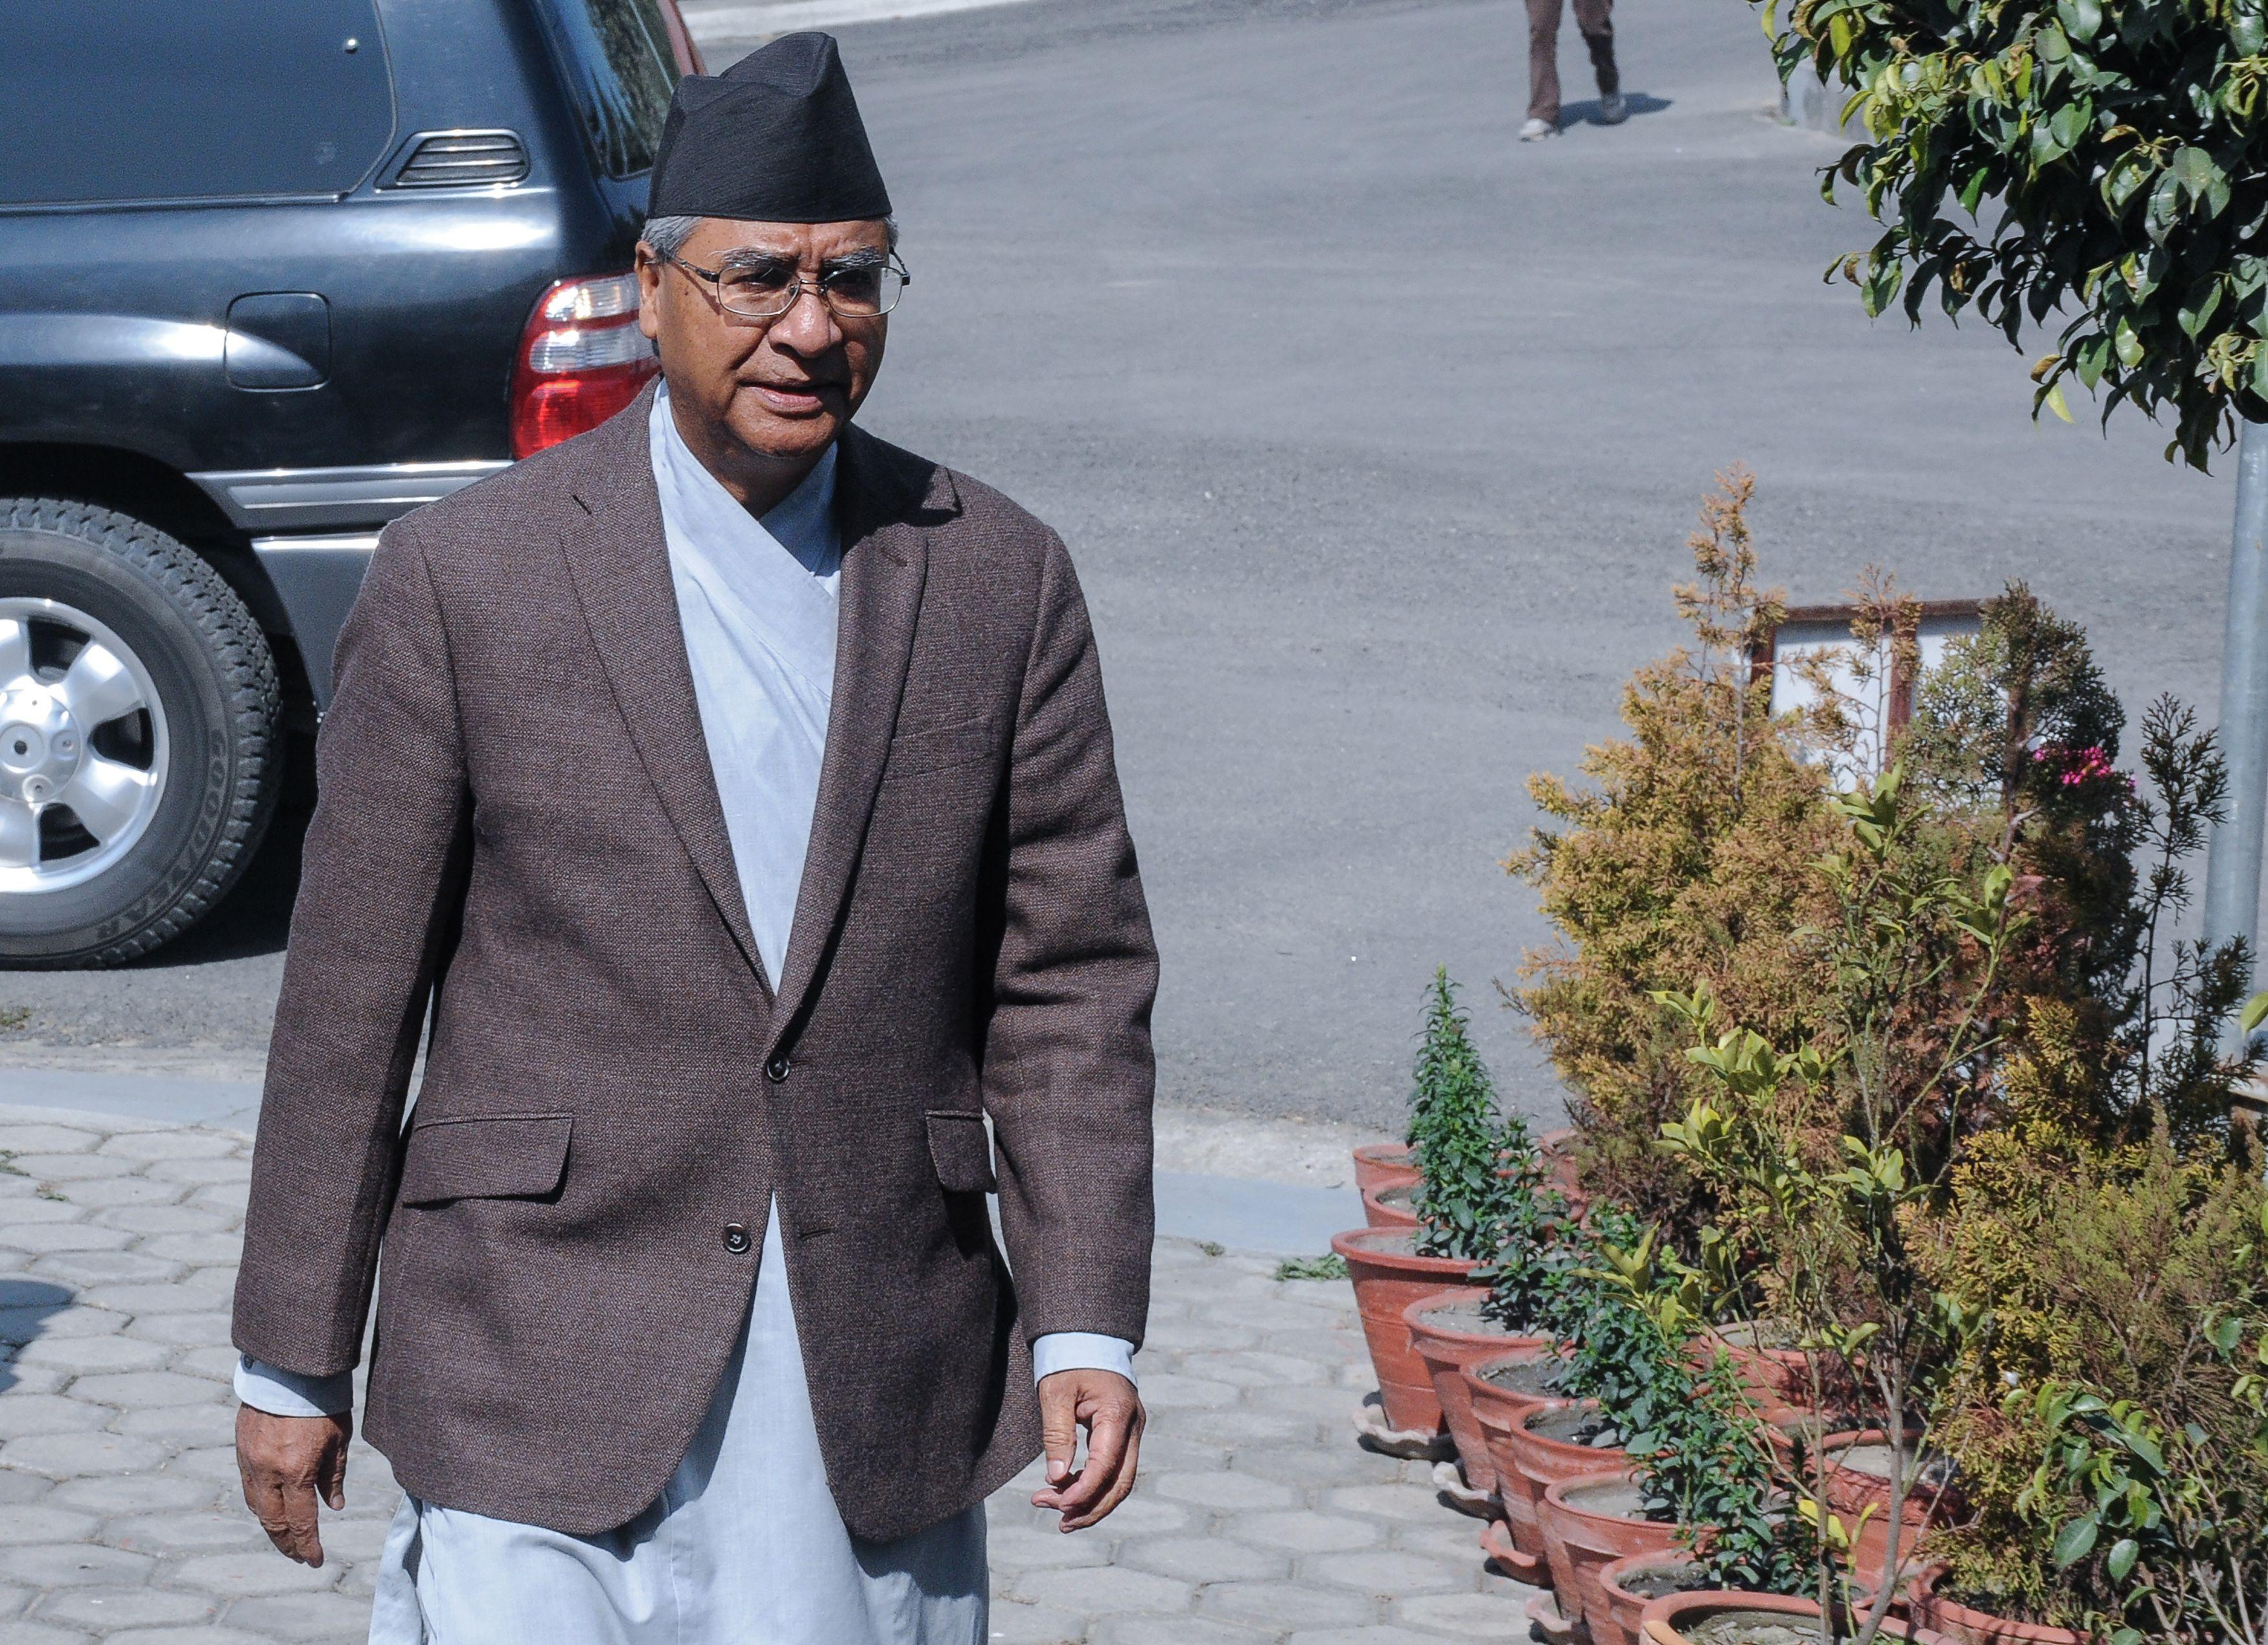 شير باهادور ديوبا رئيس الوزراء النيبالي